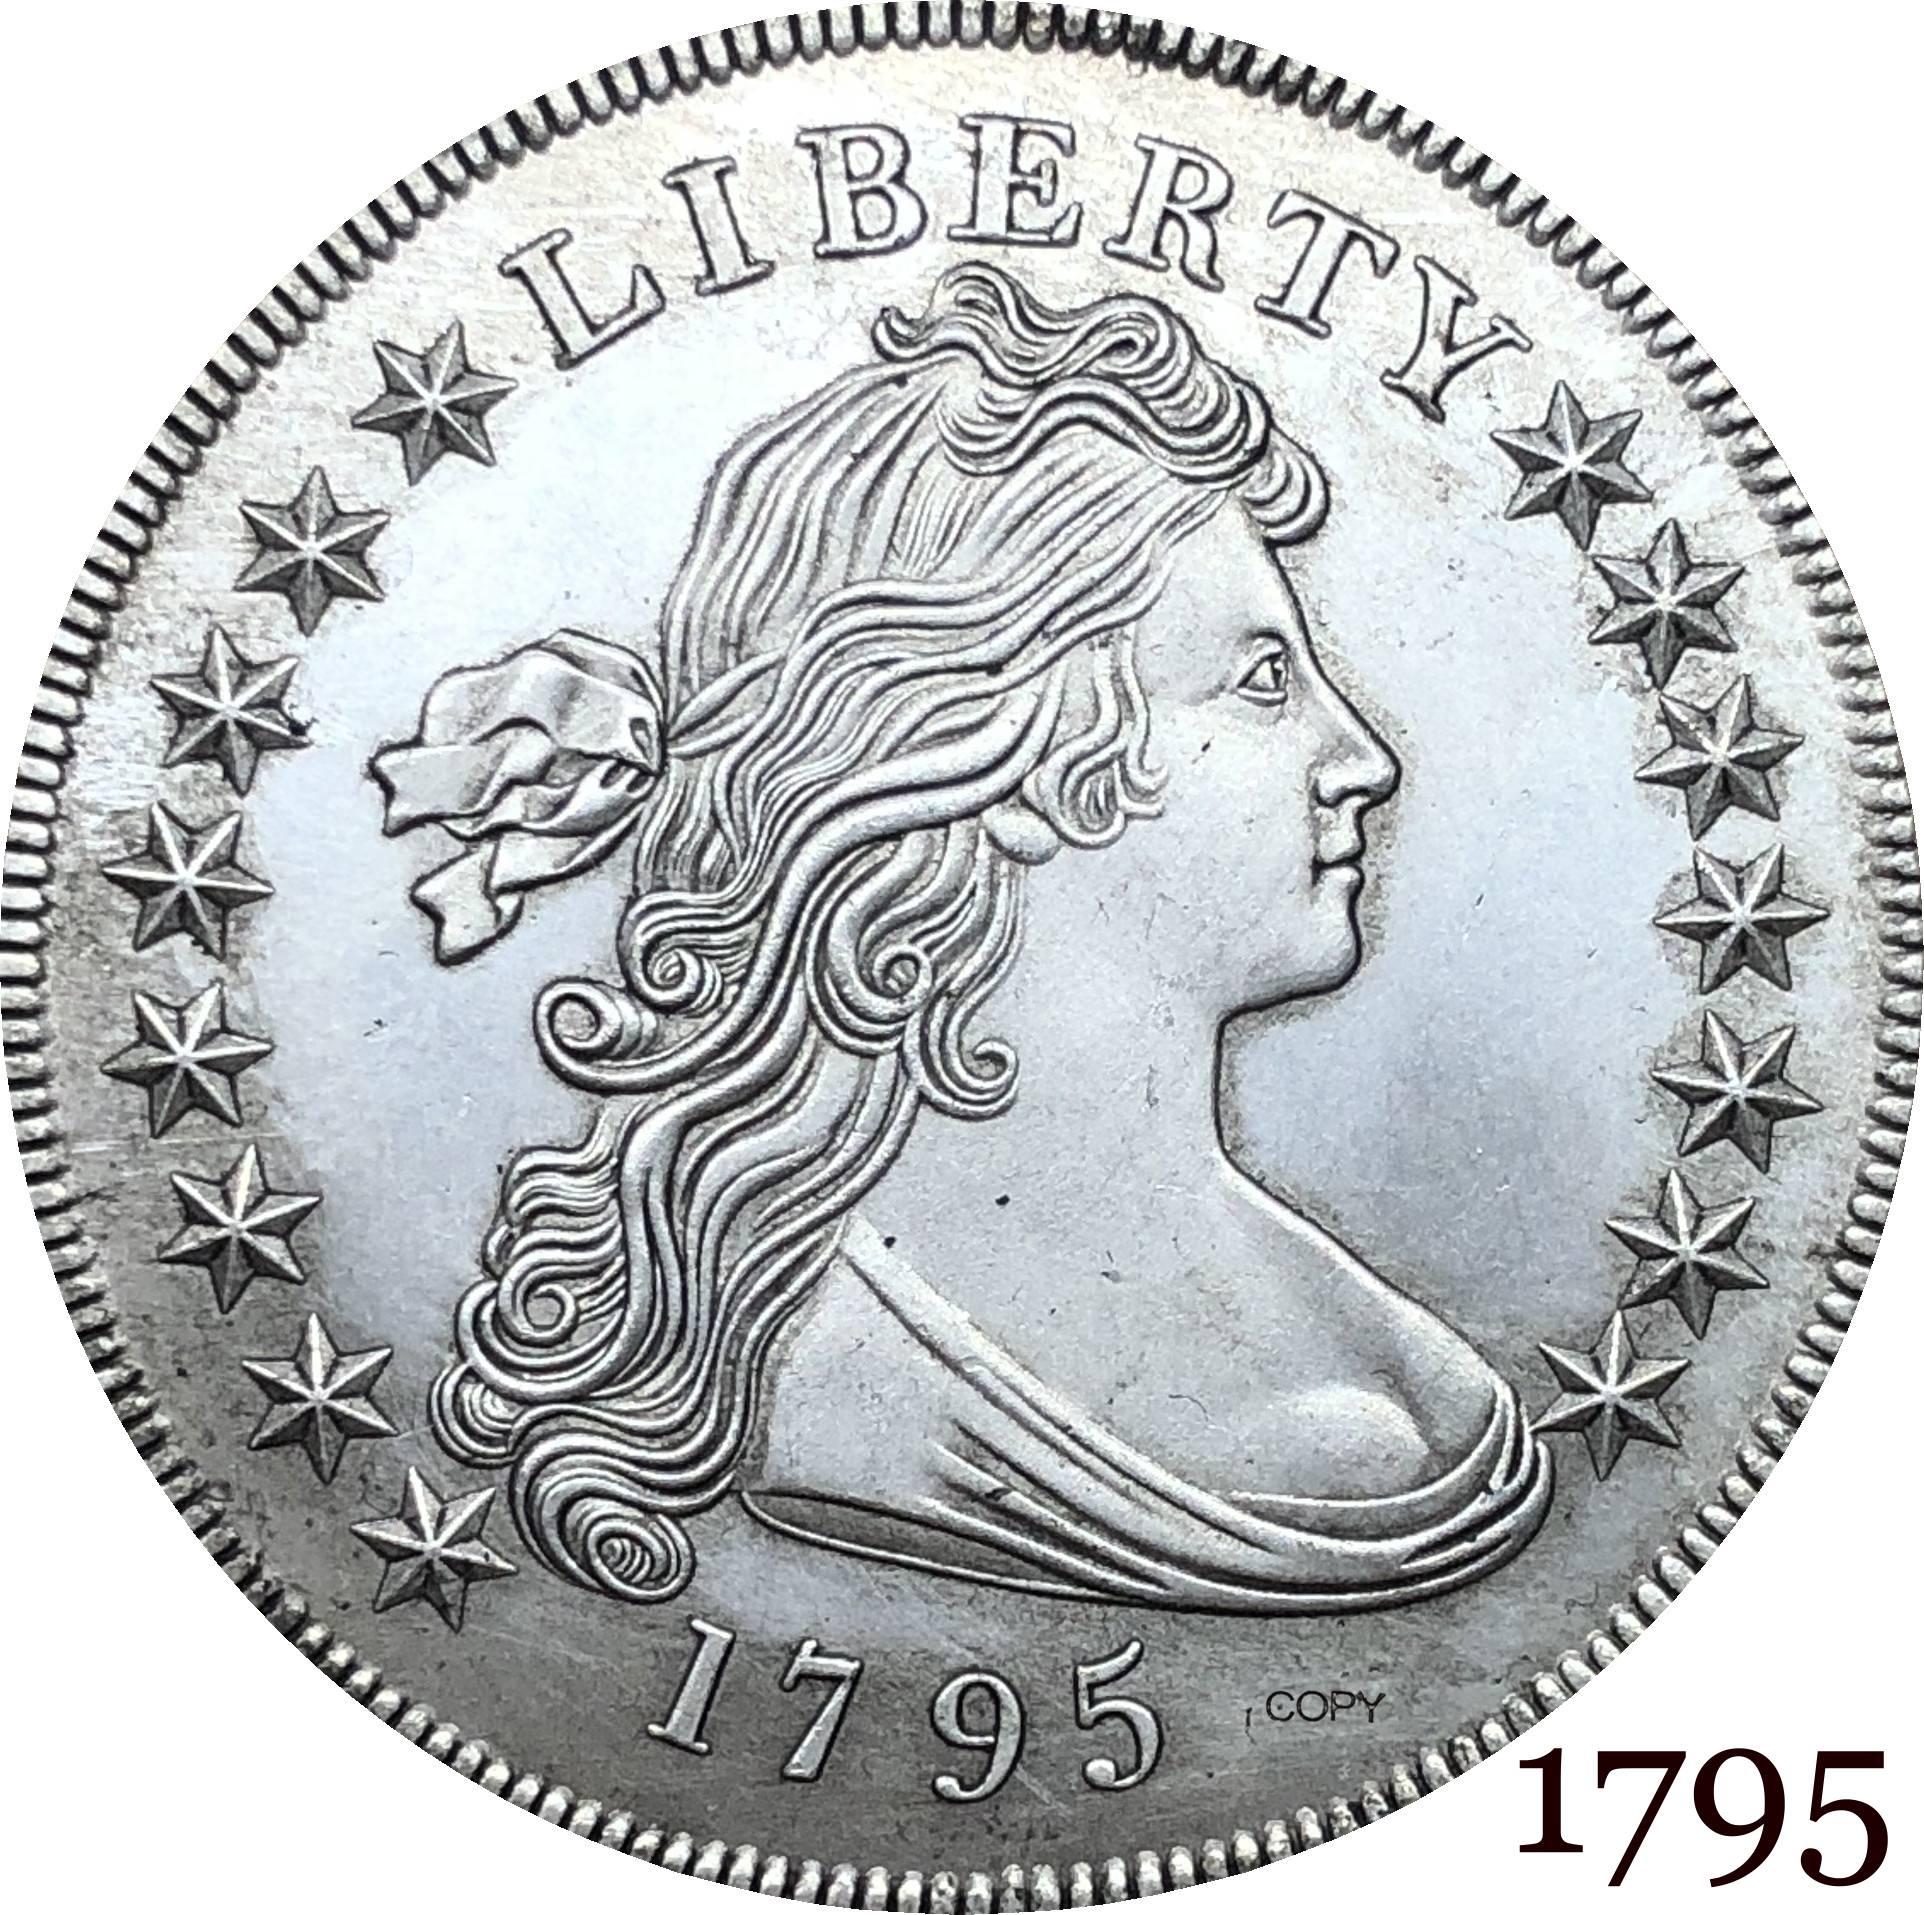 Estados unidos da américa moeda 1795 liberdade drapeado busto um dólar pequena águia cupronickel prata chapeado cópia moedas